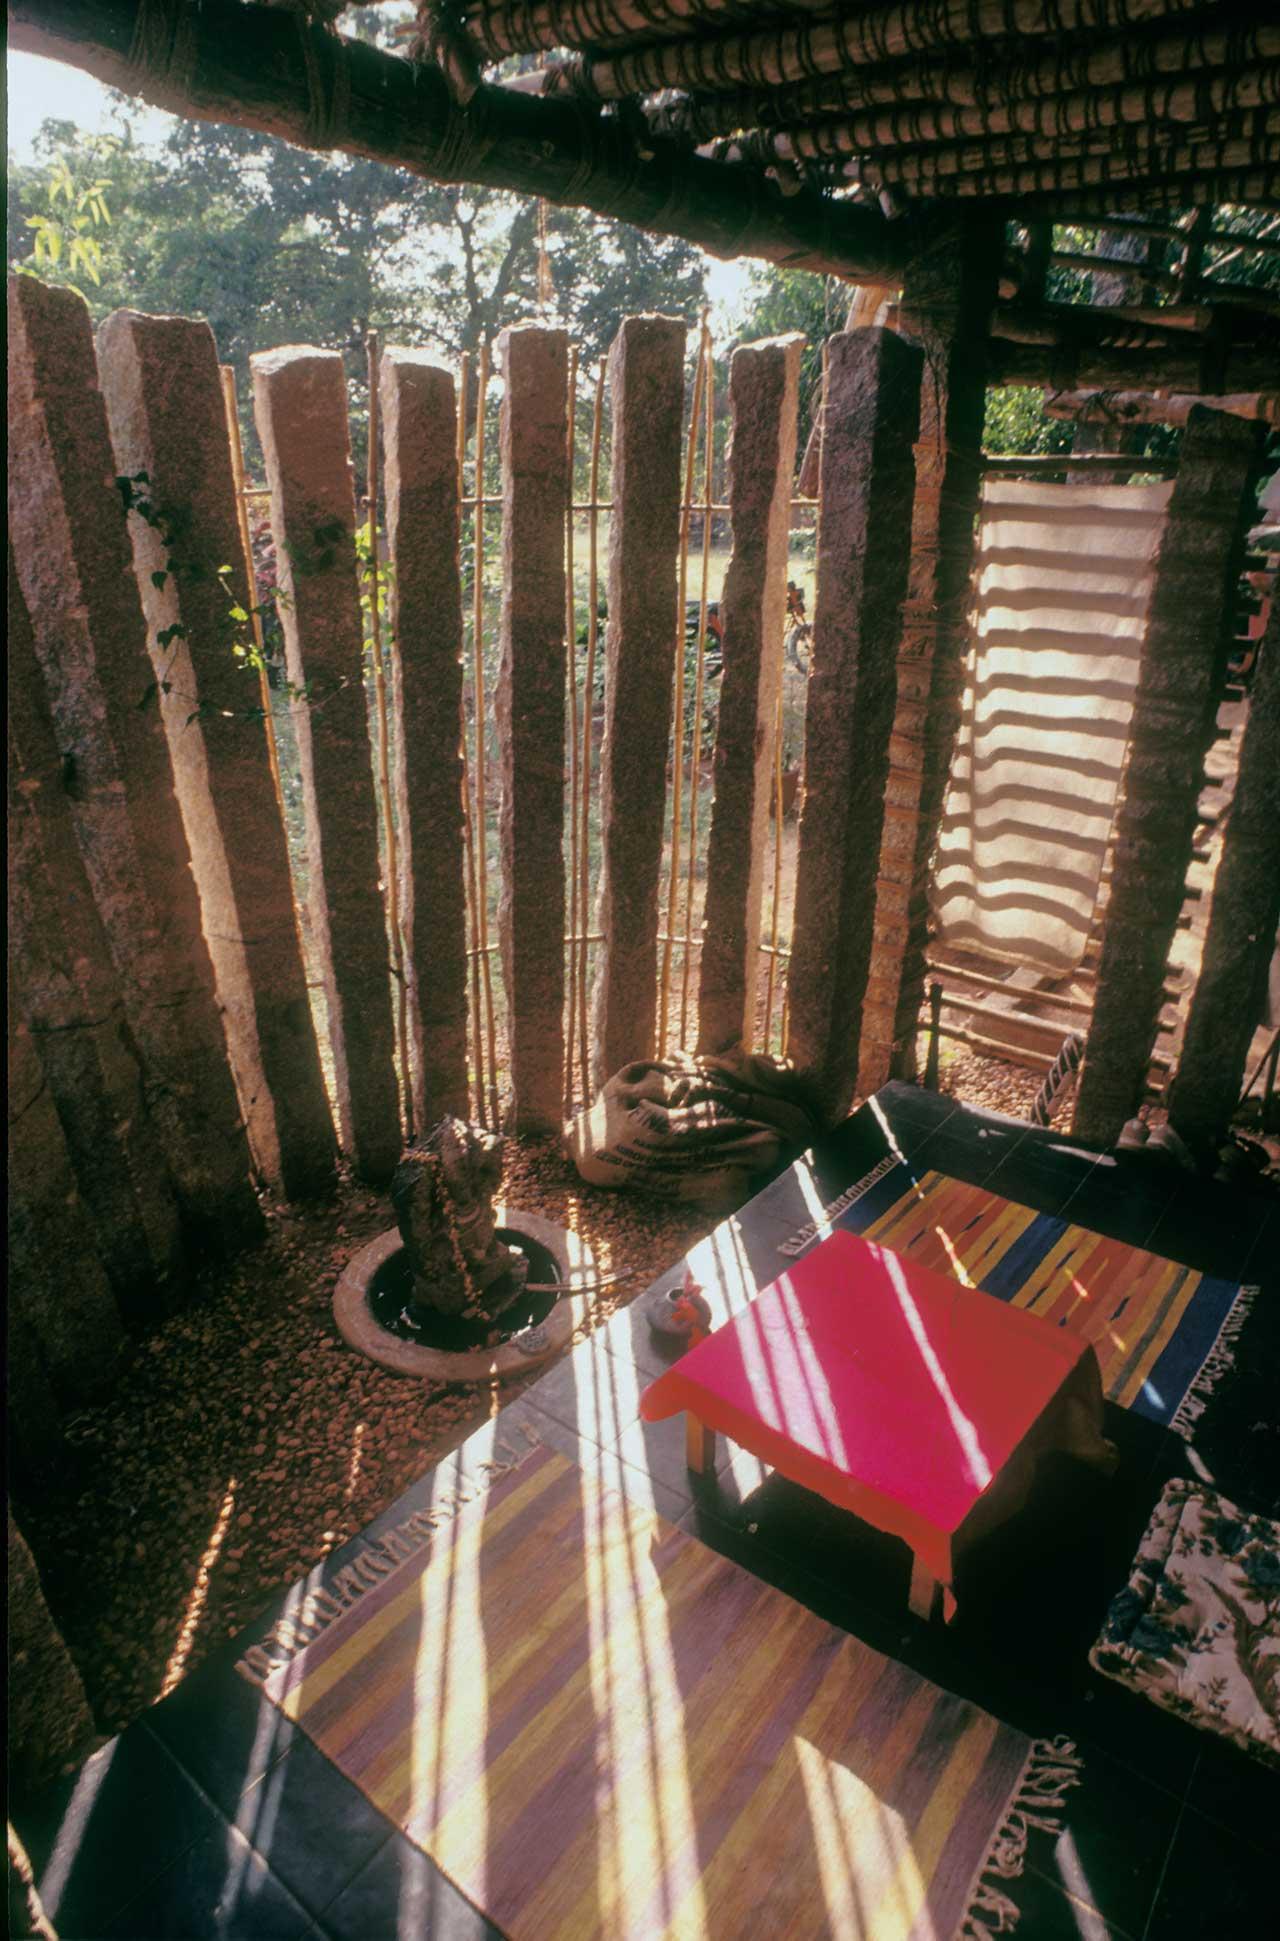 Hut-architecture